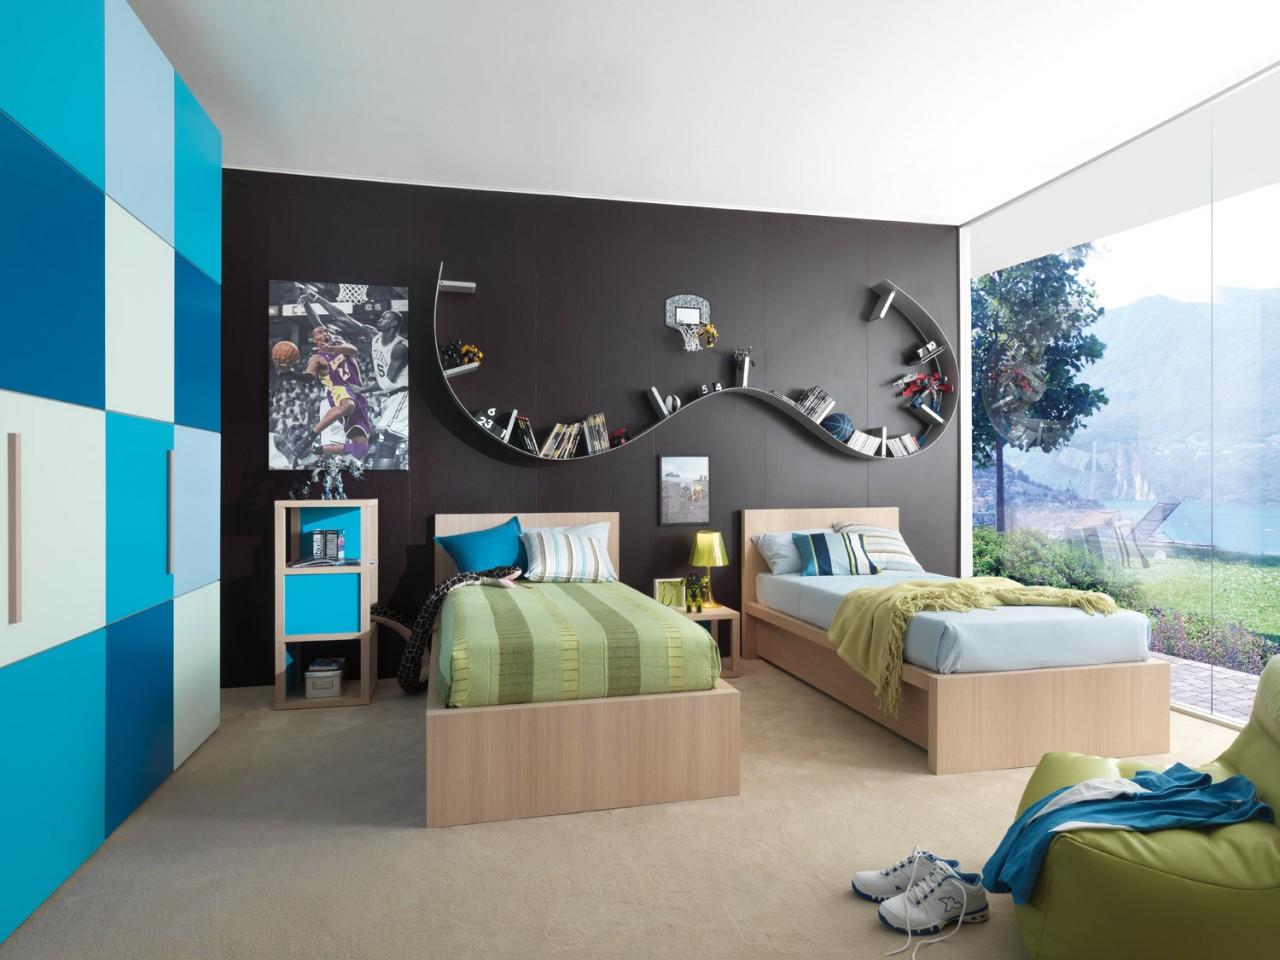 Fotos de dormitorios juveniles para dos chicos - Imagenes dormitorios juveniles ...